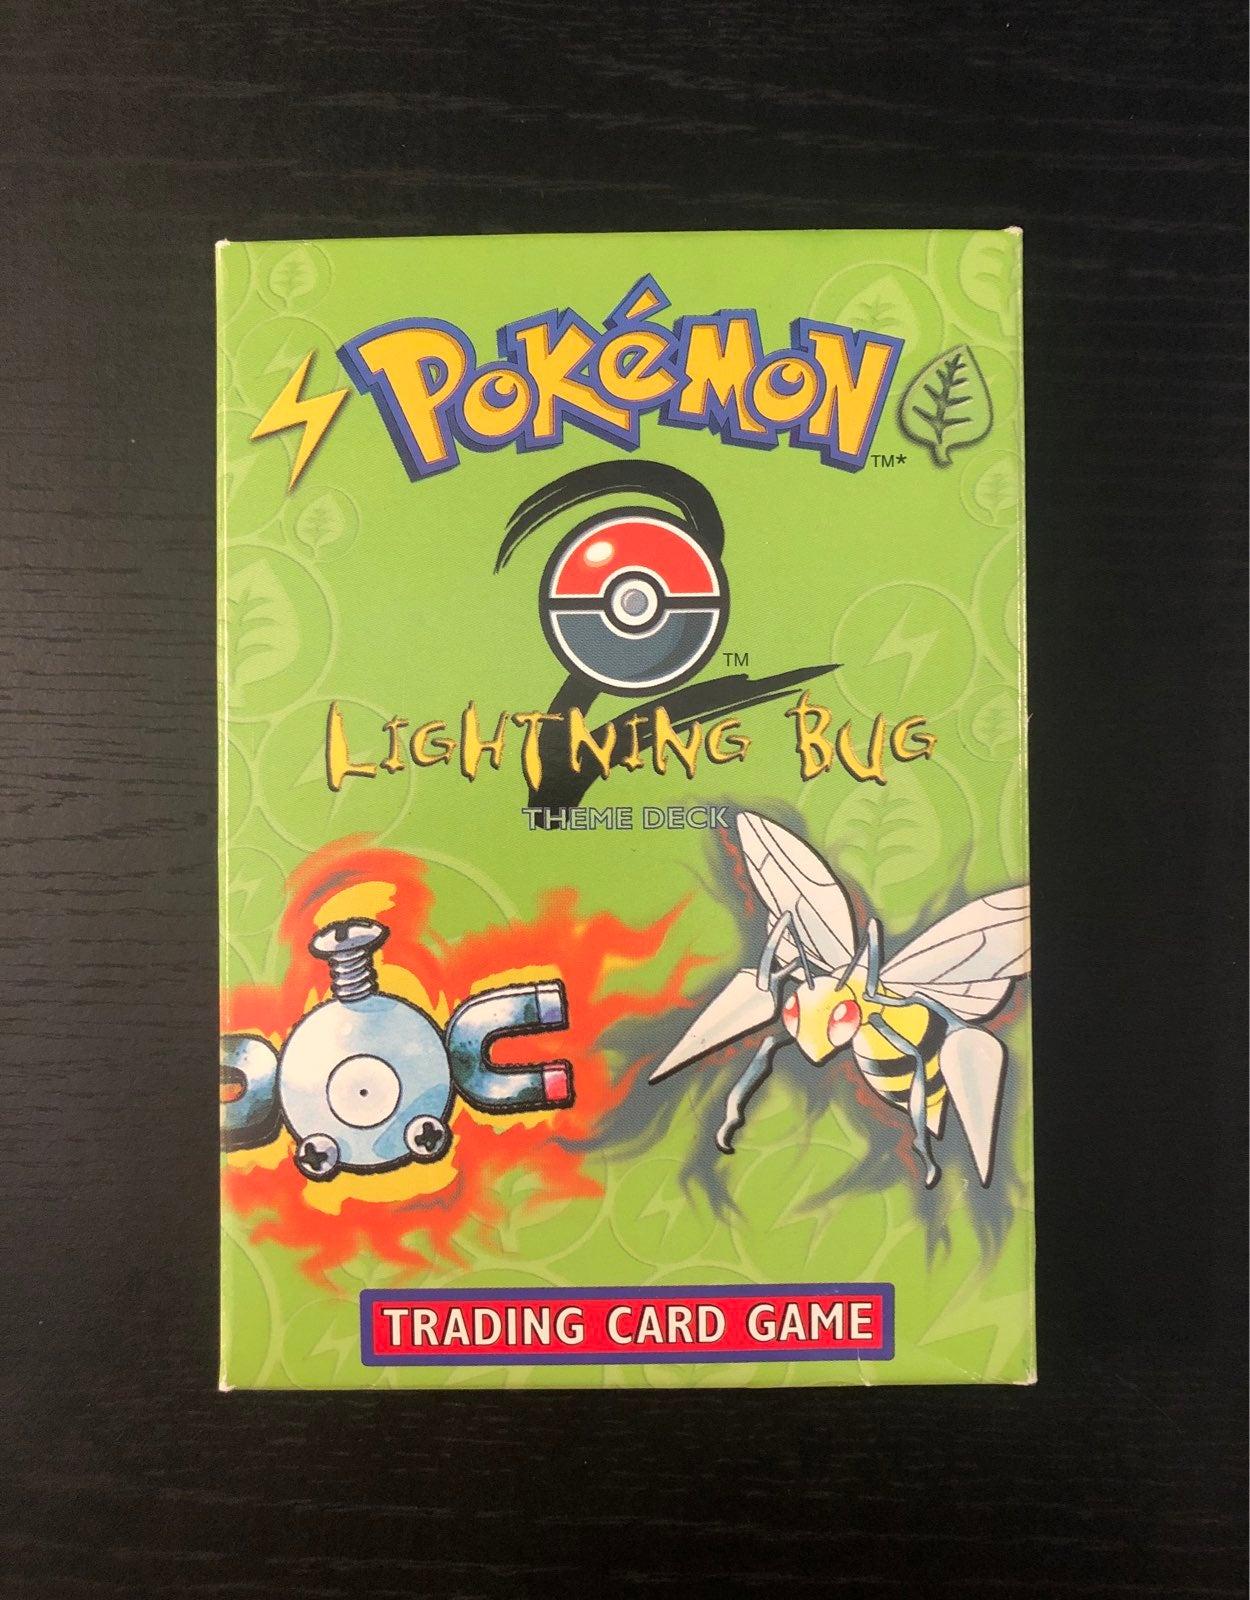 Vintage Pokemon theme deck box